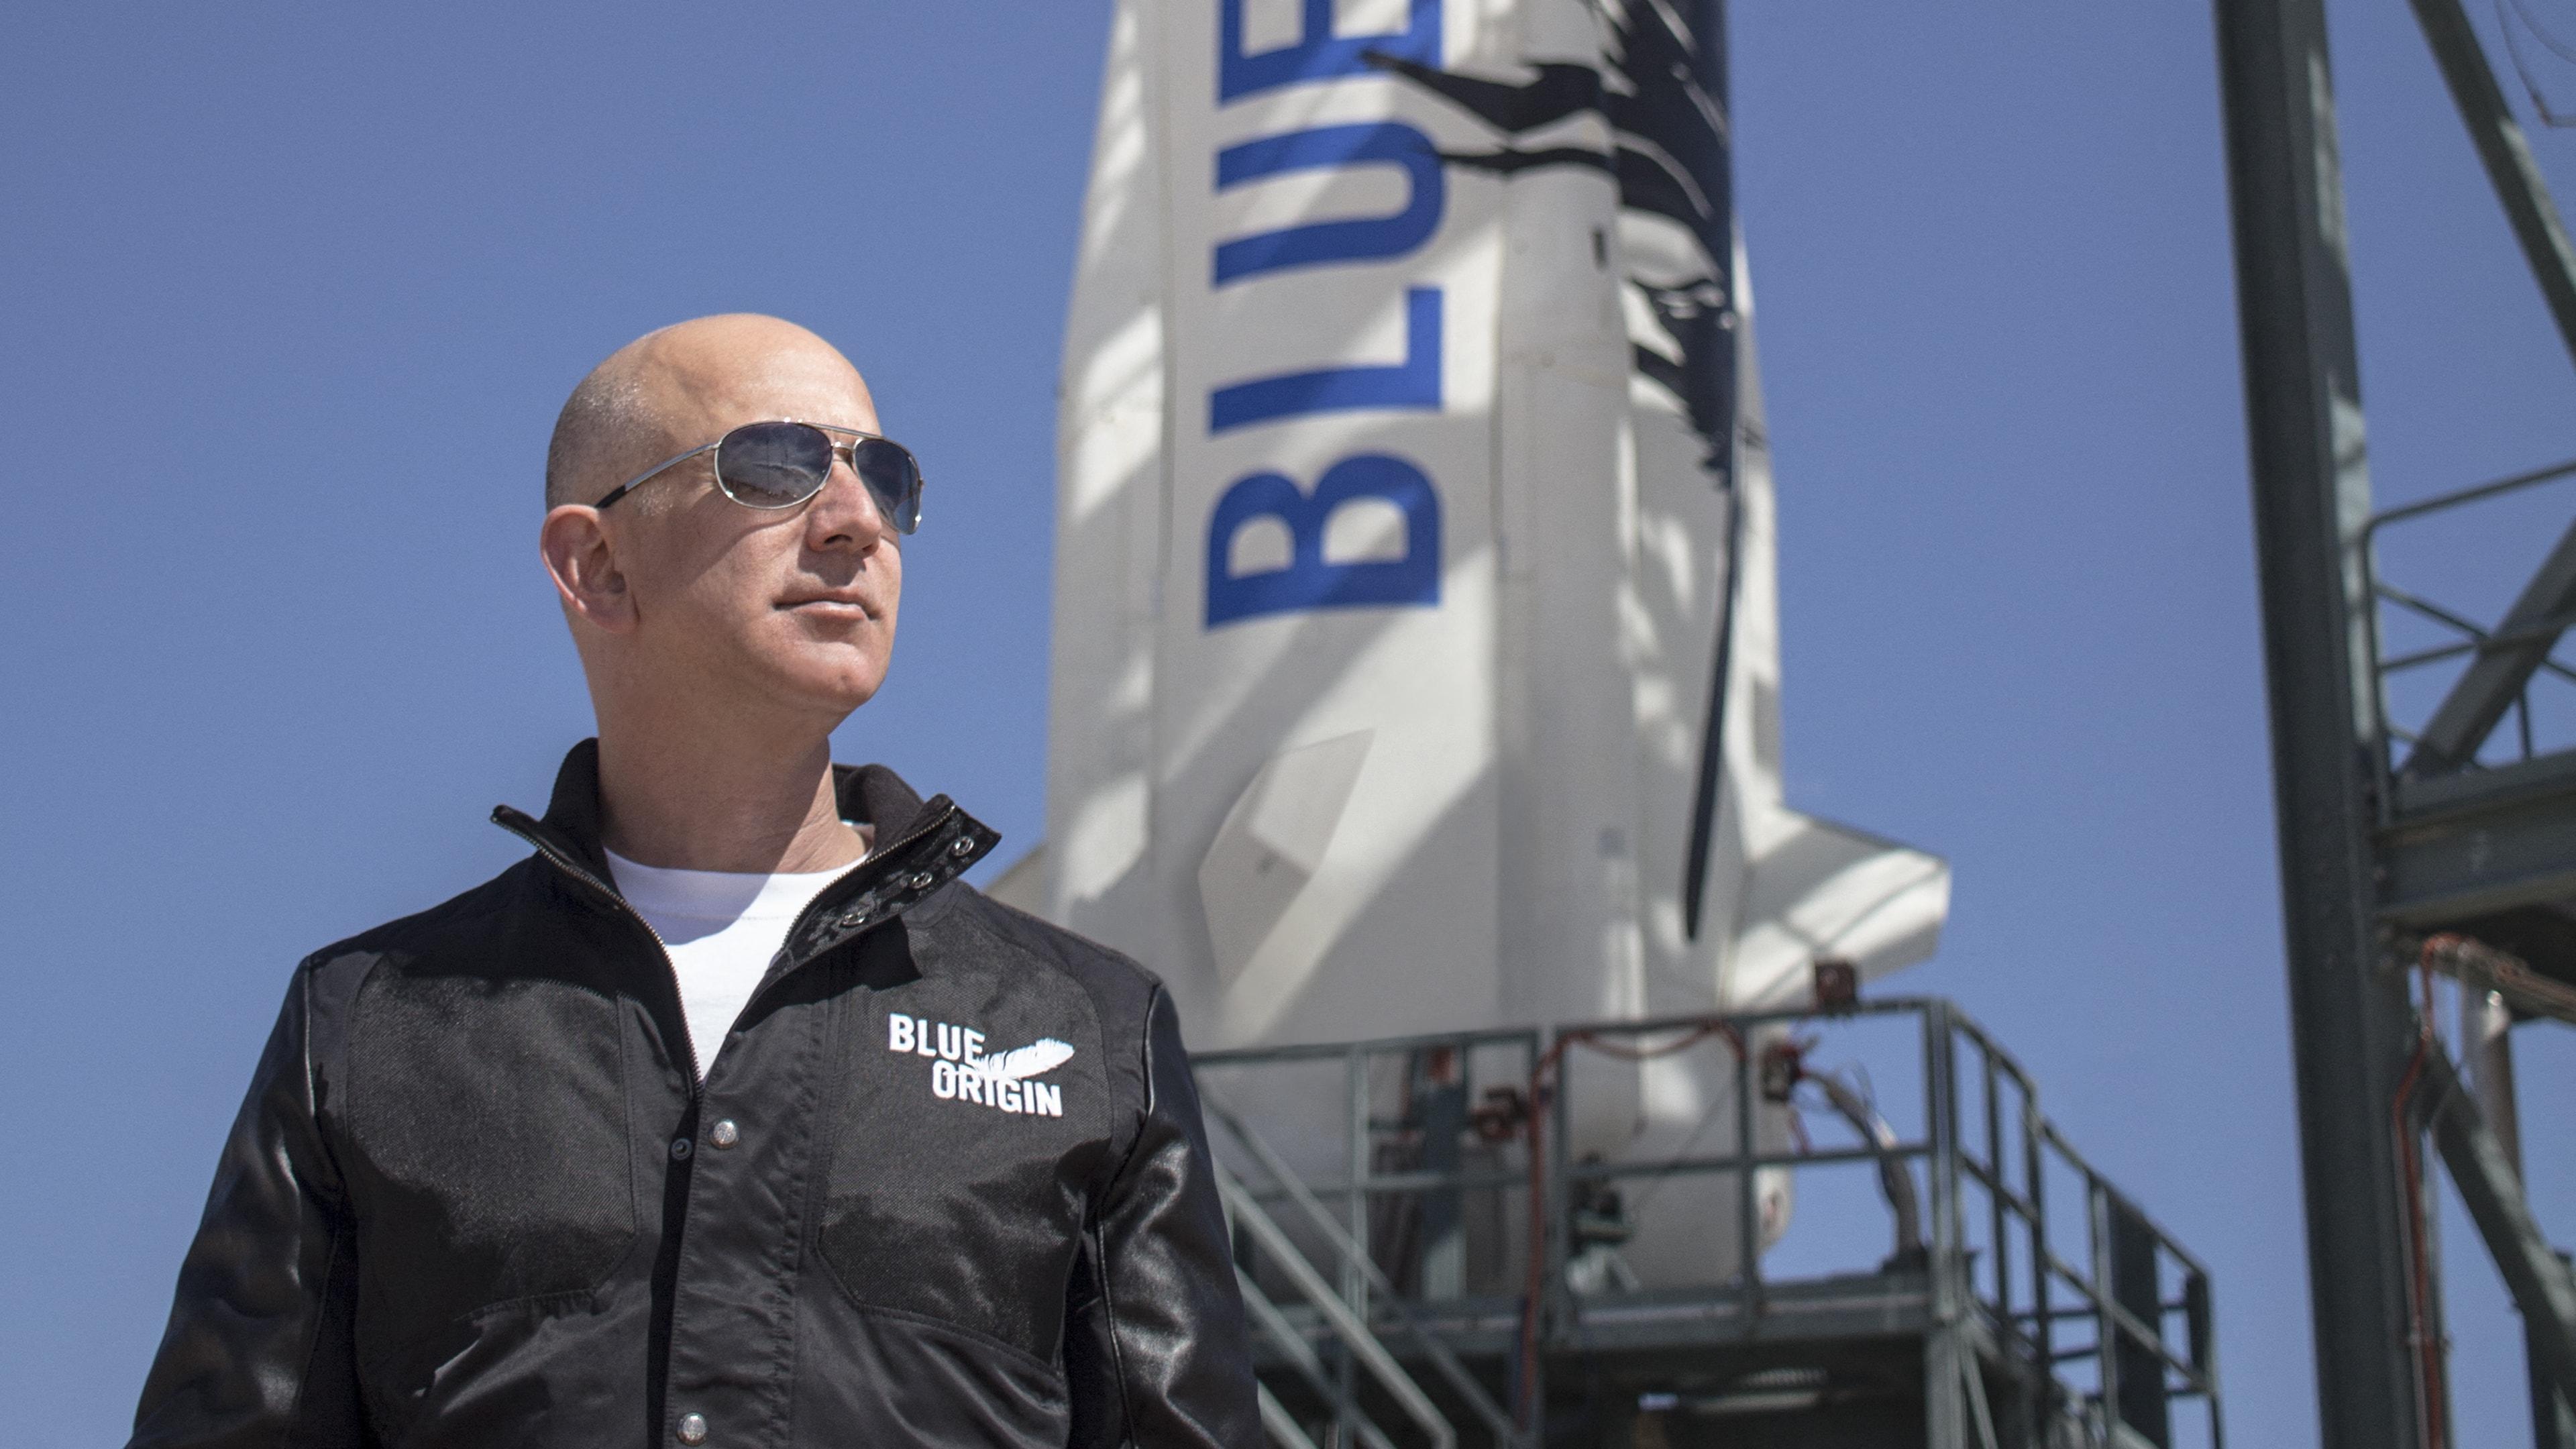 दुनिया के सबसे धनी शख्स जेफ बेजोस 2 दिन बाद अपनेयान से करेंगे 'अंतरिक्ष यात्रा', साथ में होंगे 3 लोग